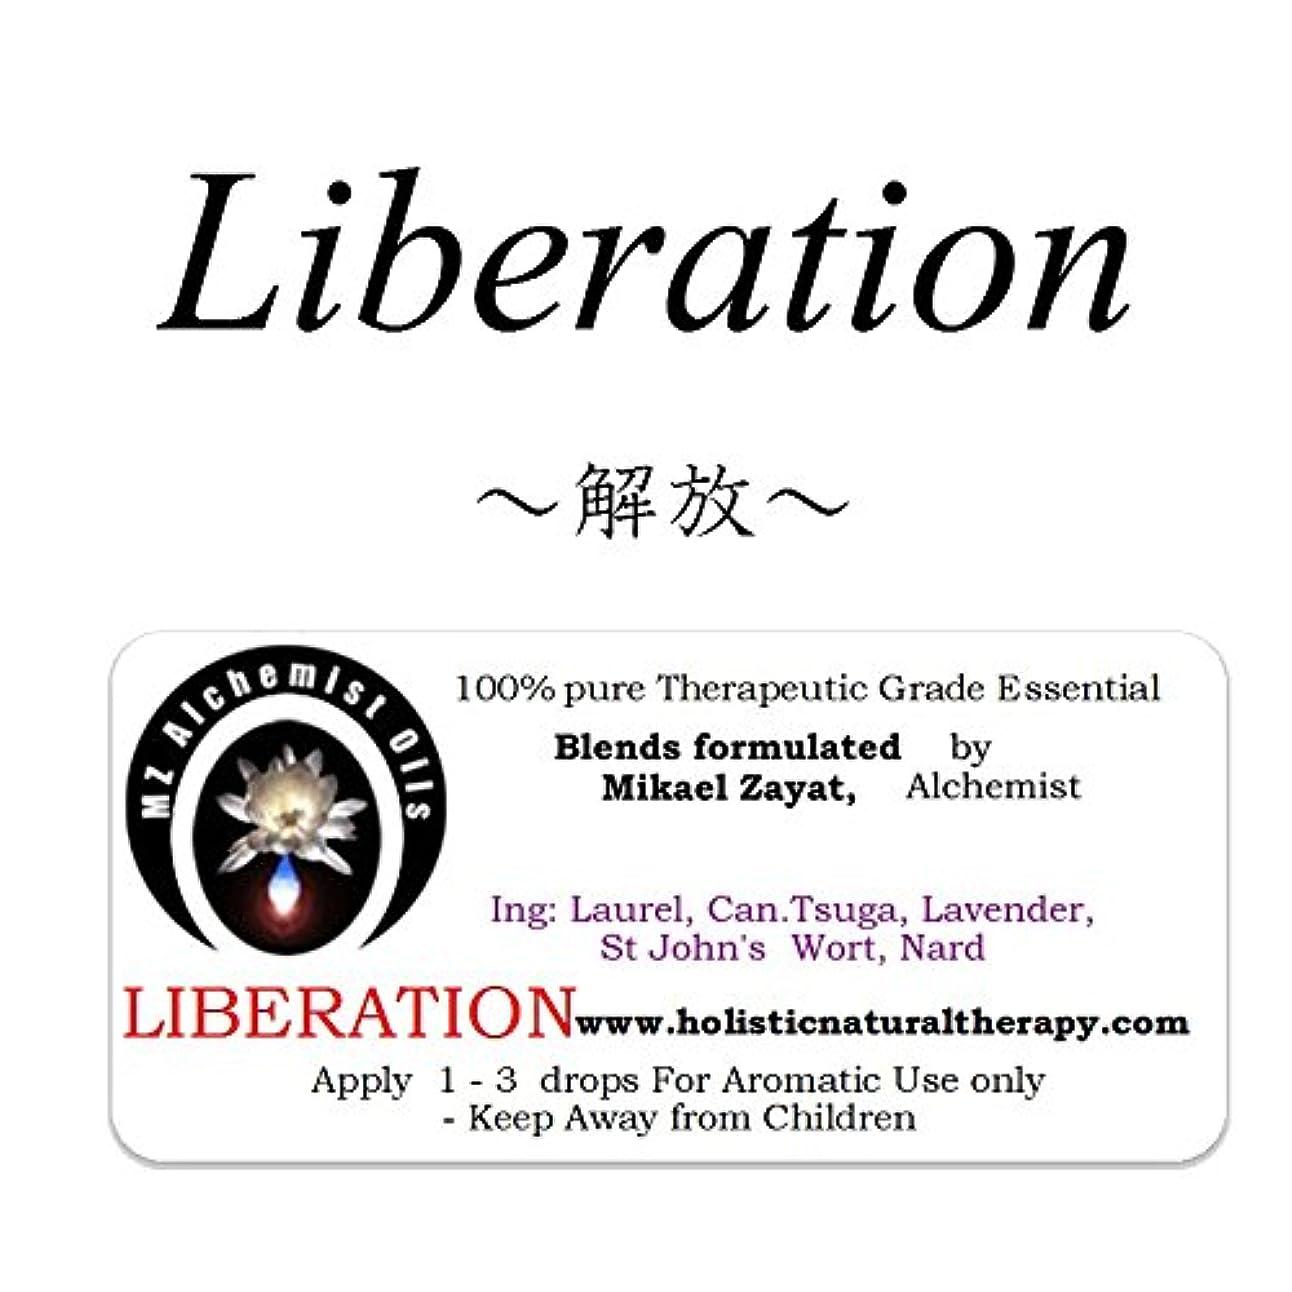 エジプト人マルコポーロペルメルミカエル?ザヤットアルケミストオイル セラピストグレードアロマオイル Liberation-リベレーション(解放)- 4ml